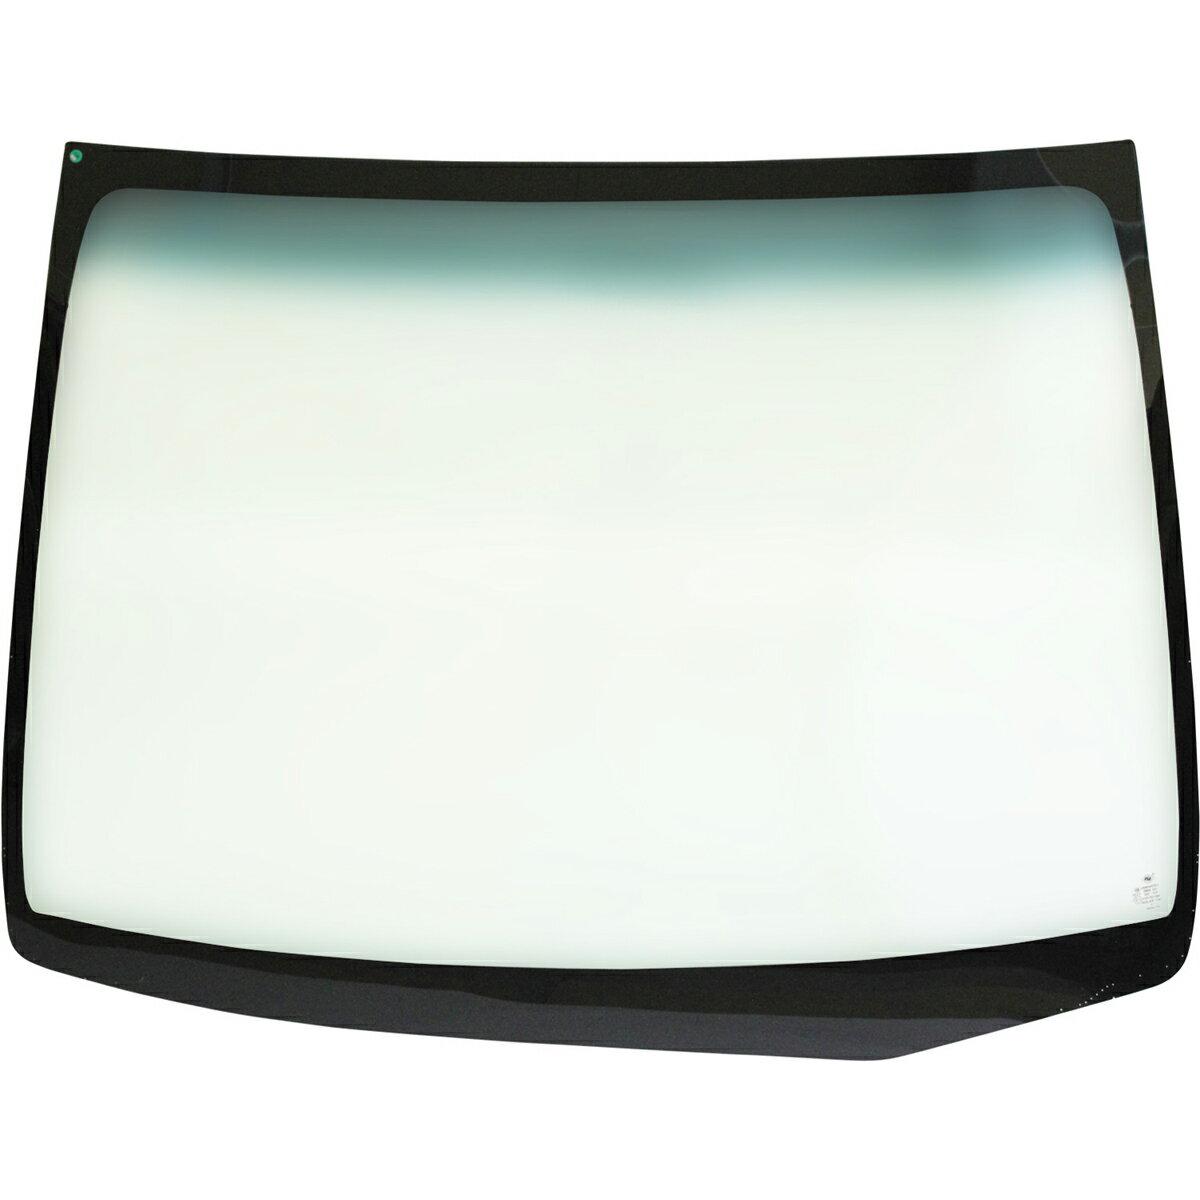 マツダ フレアワゴン 5D WG用フロントガラス ウィンドシールドモールセット 車両型式:MM21S系 年式:H.24.6-H.25.3 ガラス型式:1A15E ガラス色:グリーン ボカシ:ブルー